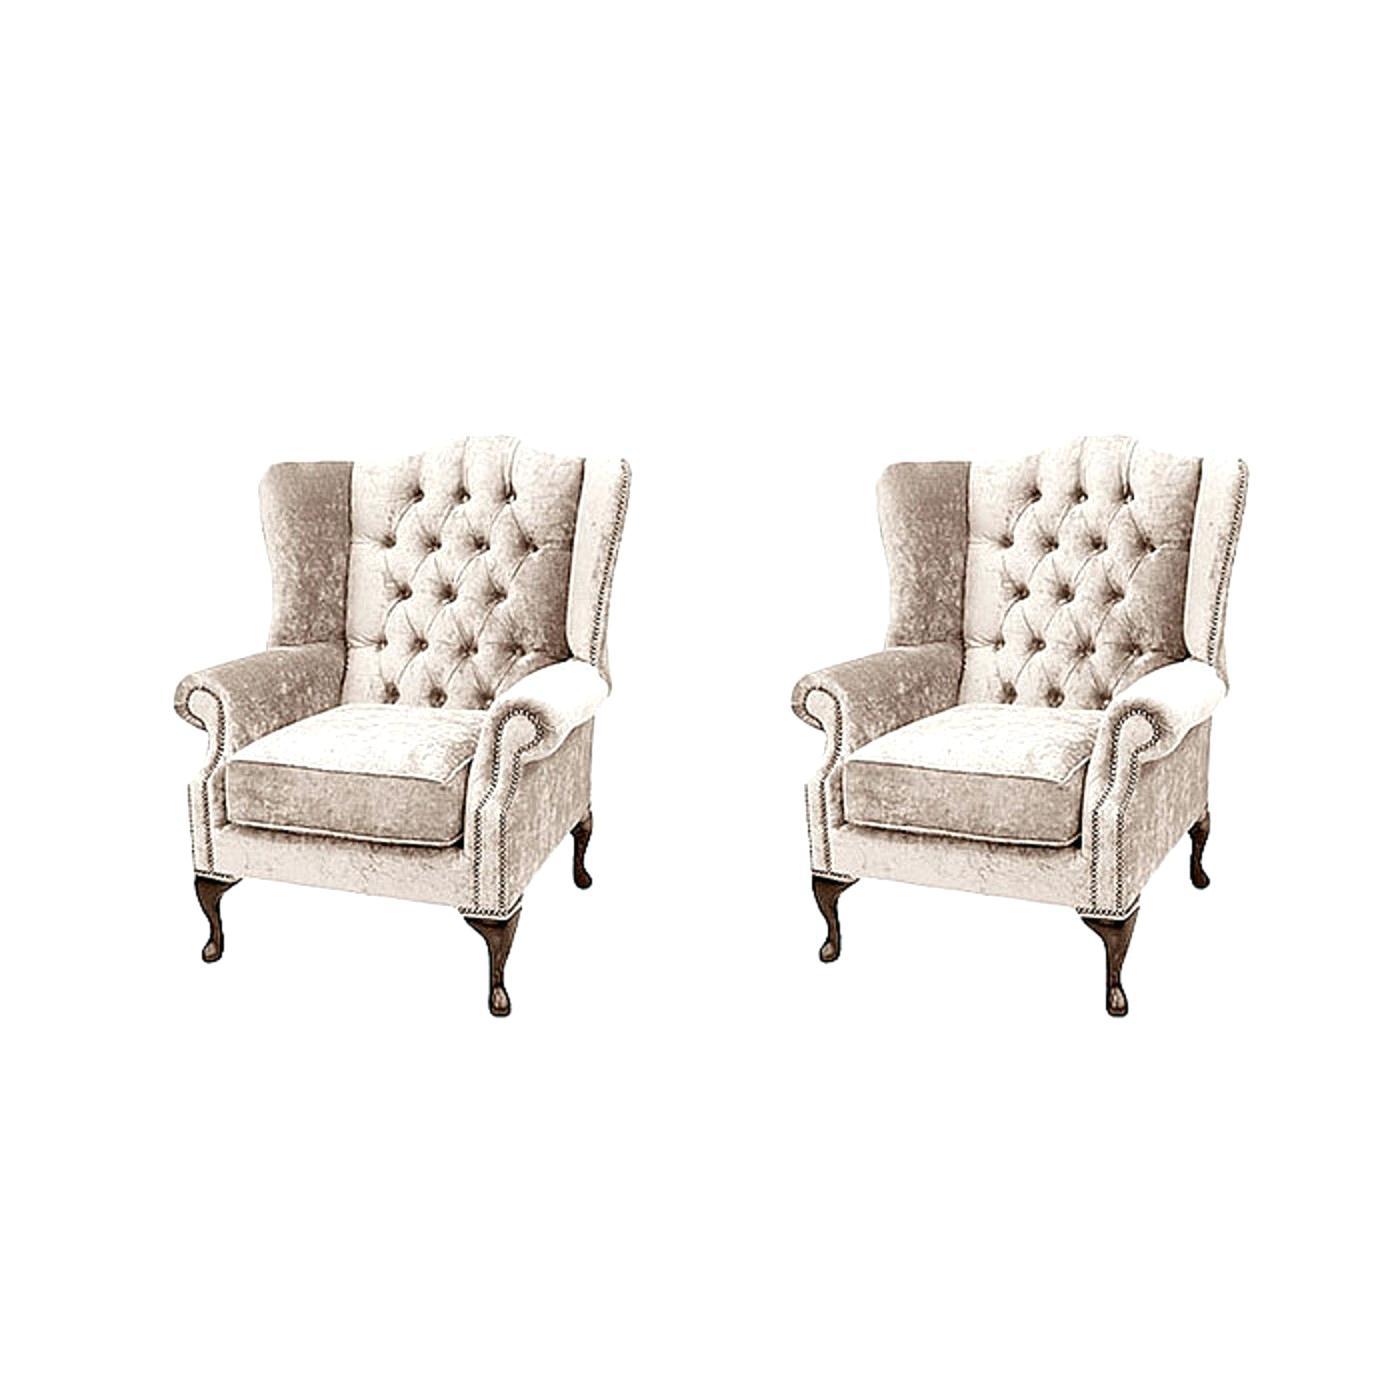 Delightful Velvet Sofa Chair And Velvet Sofa 1 31 Crushed Velvet intended for Mansfield Graphite Velvet Sofa Chairs